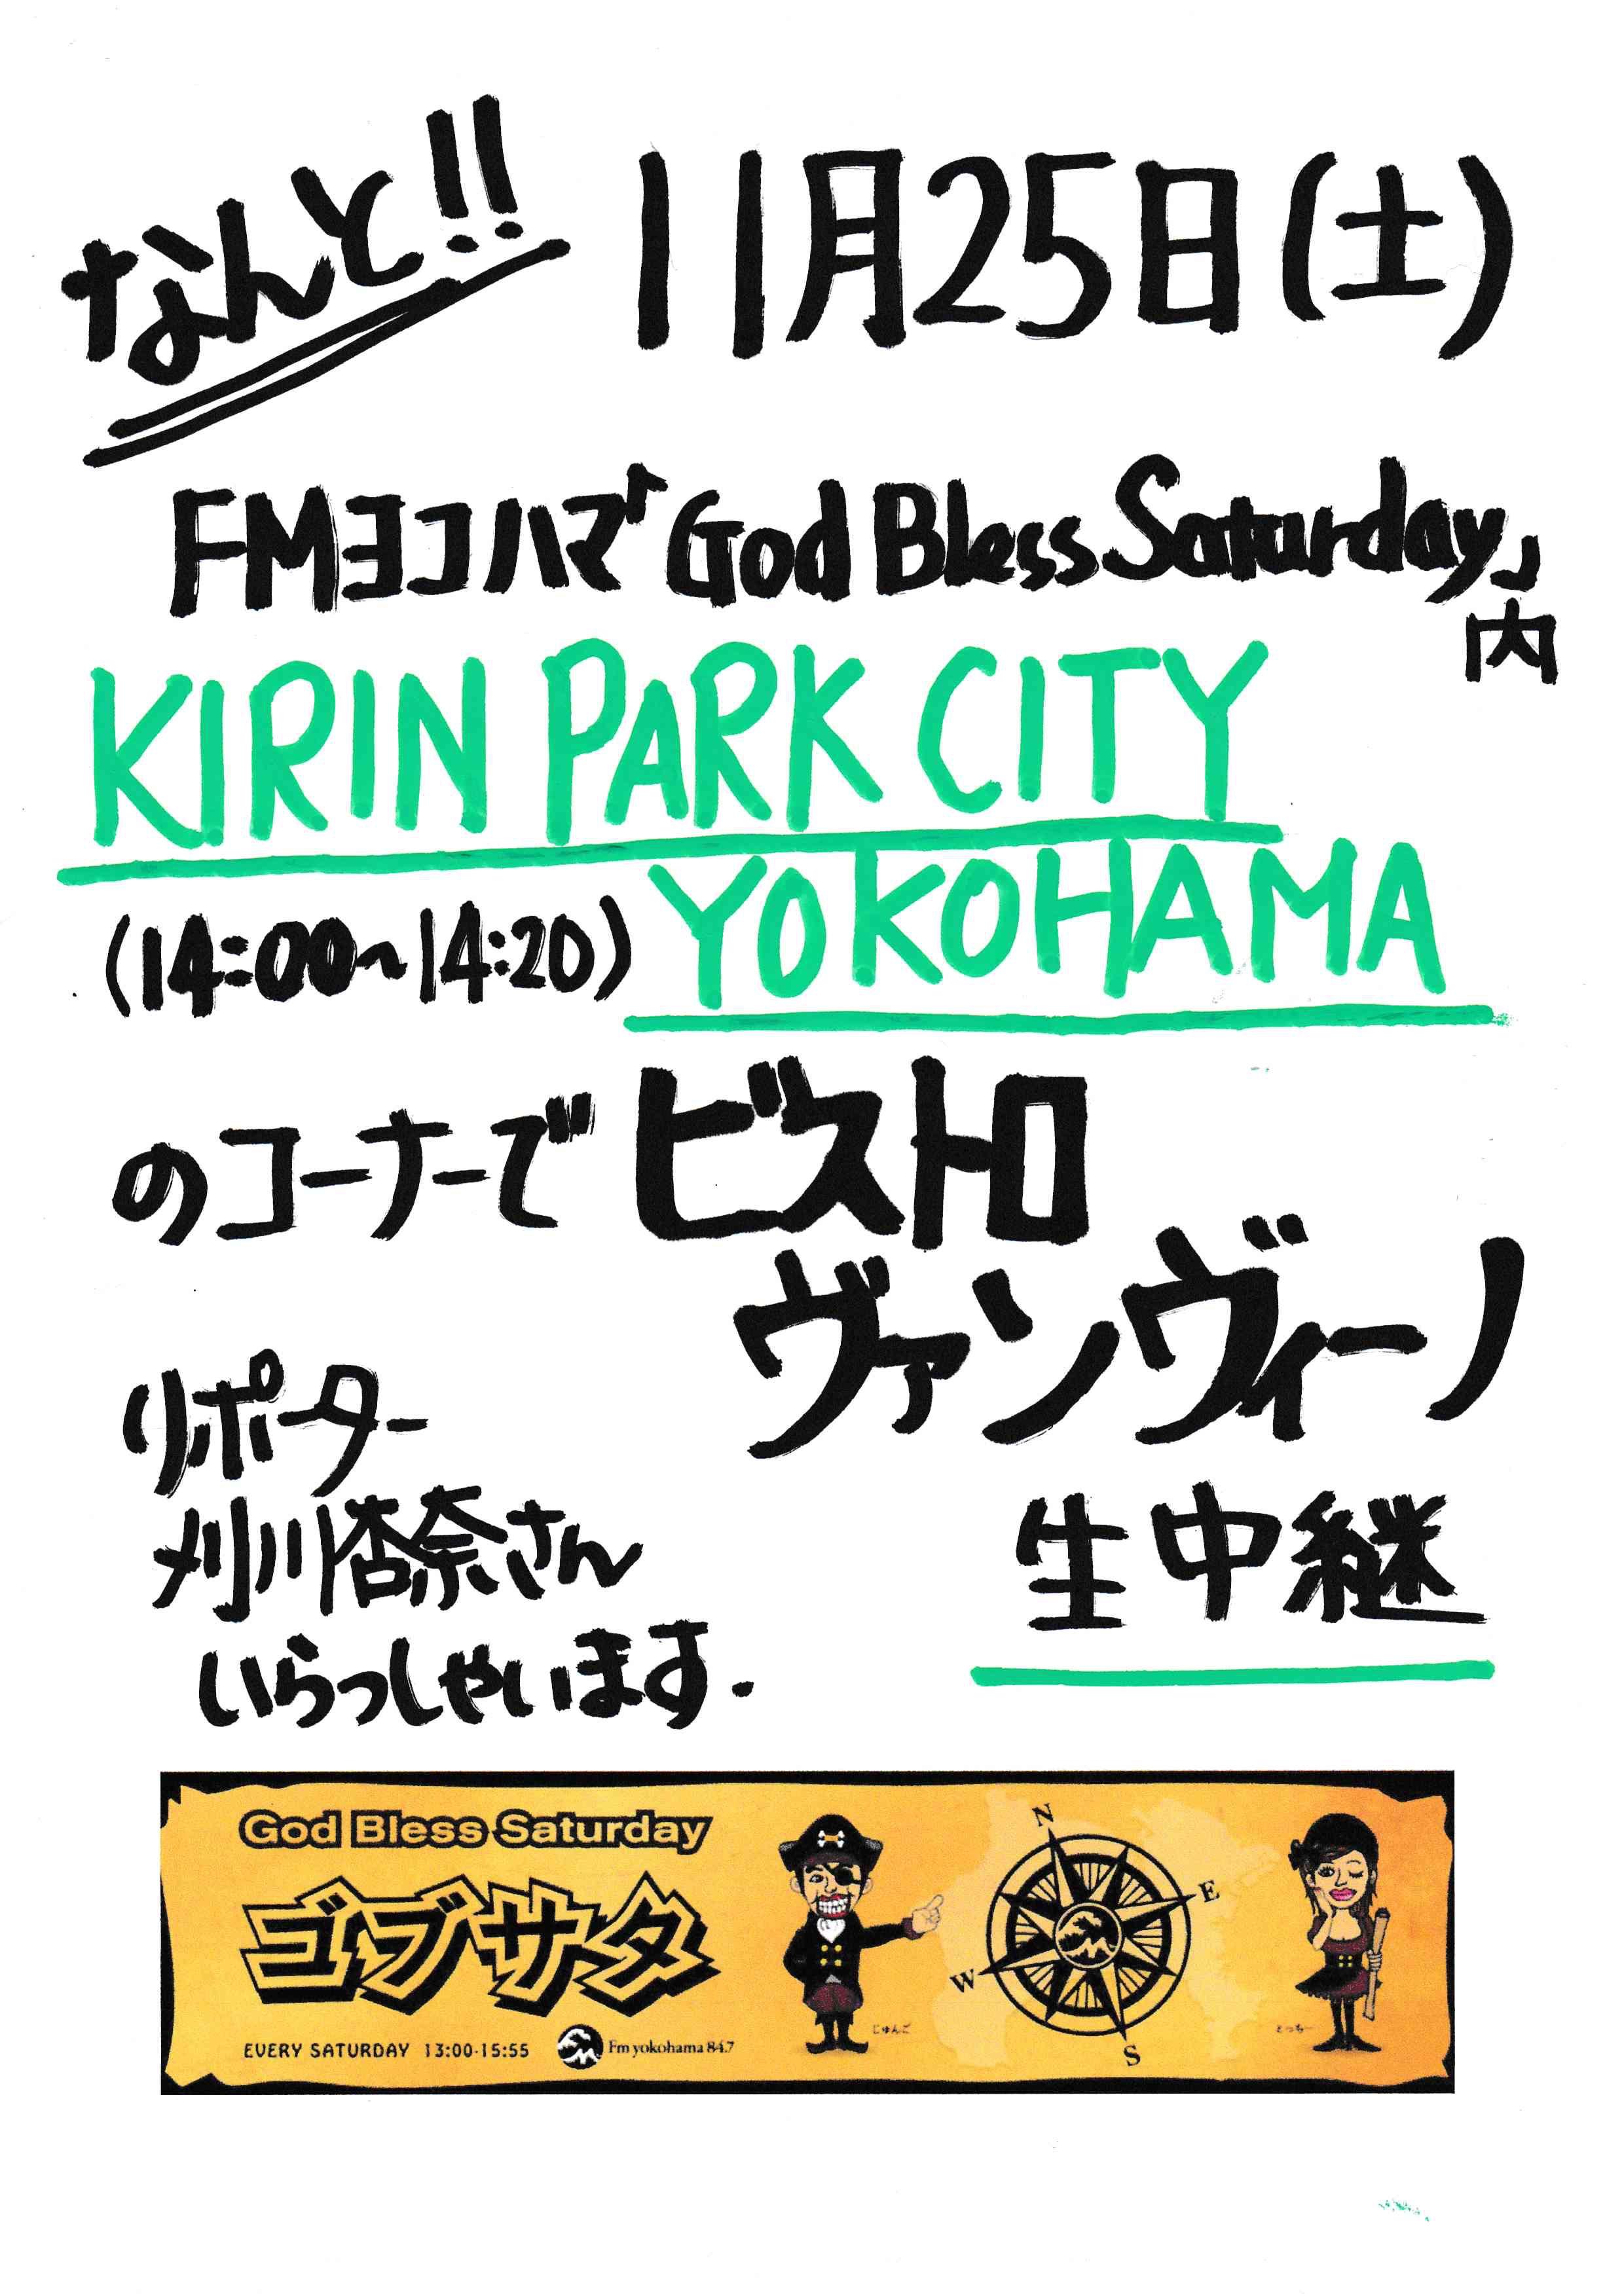 11/25(土曜日)FM横浜 キリンパークシティ 番組ブログアップされました!